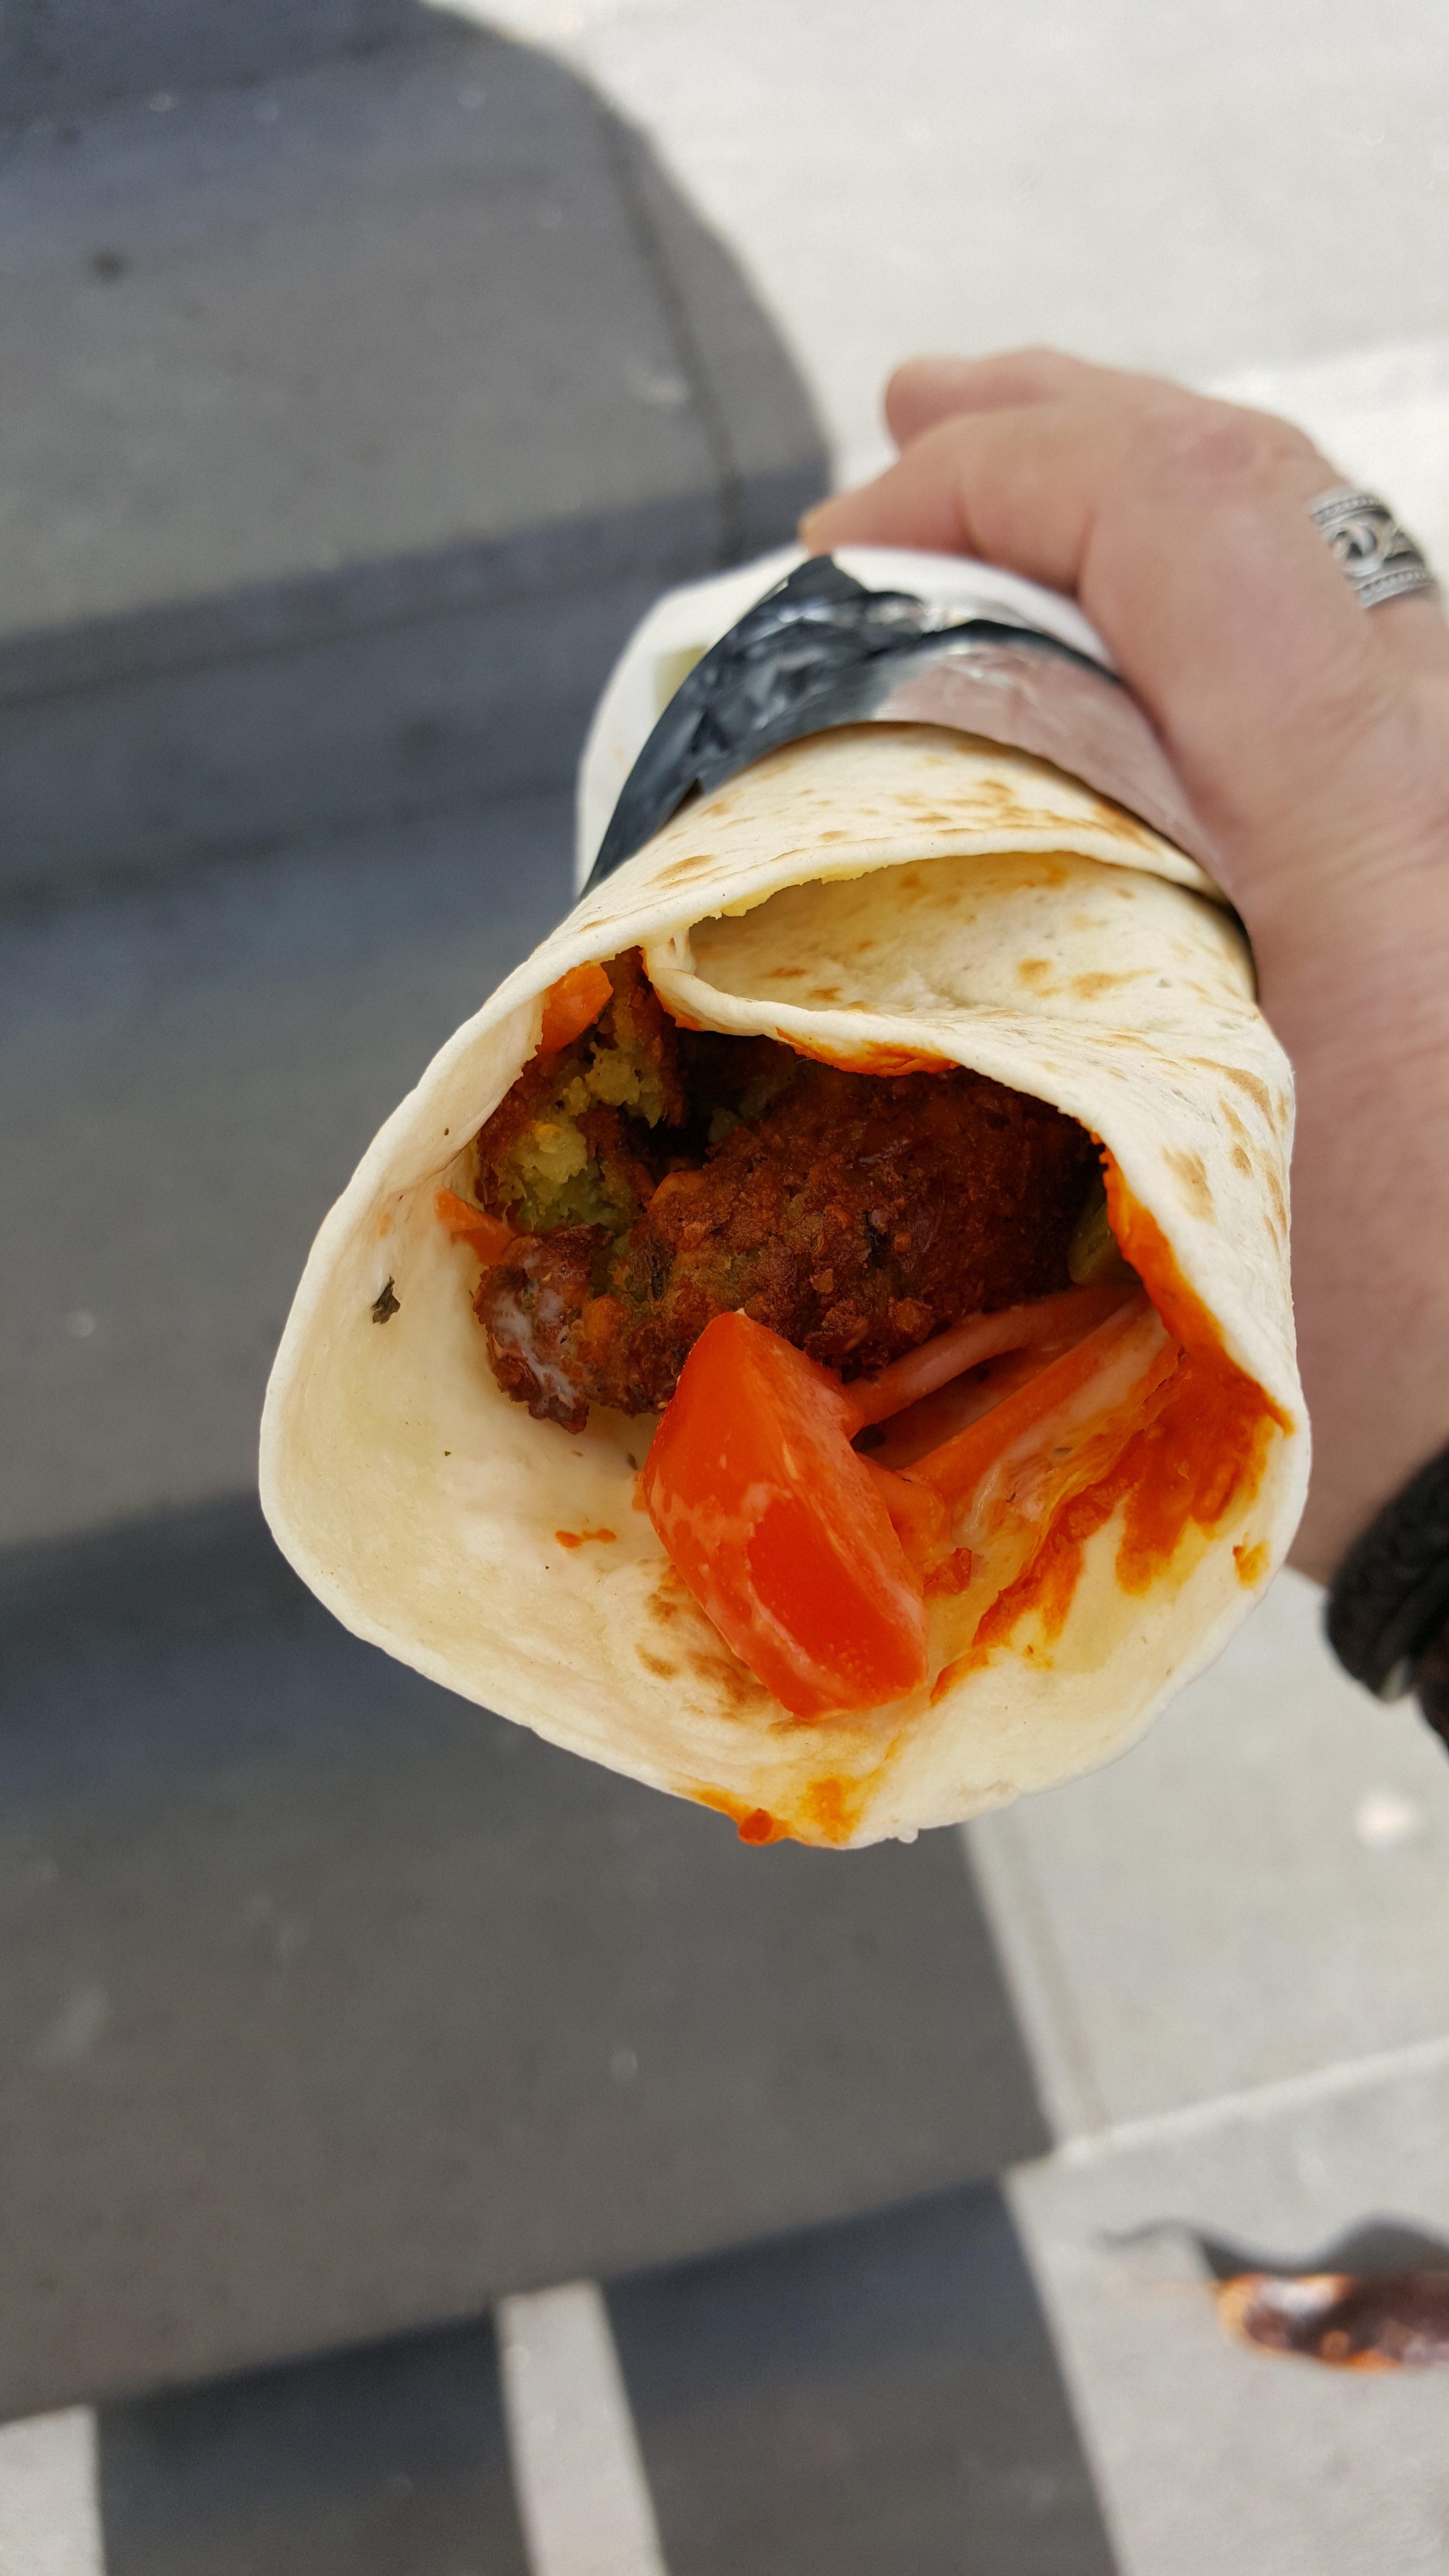 Chili Falafel Wrap